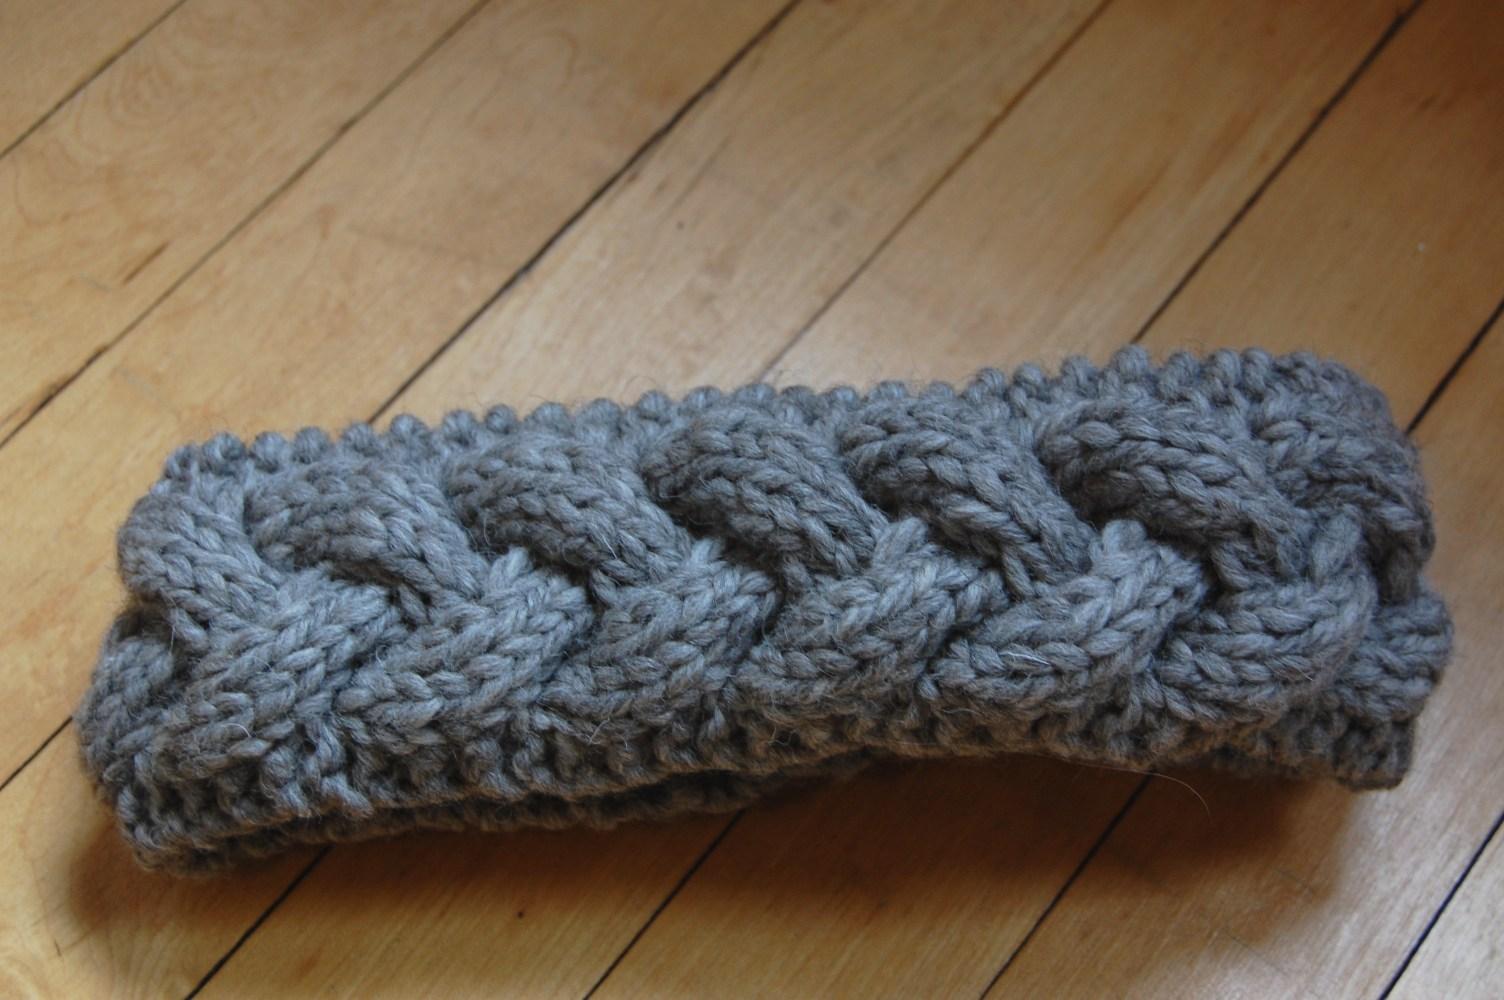 Braided Knit Headband Patterns | A Knitting Blog